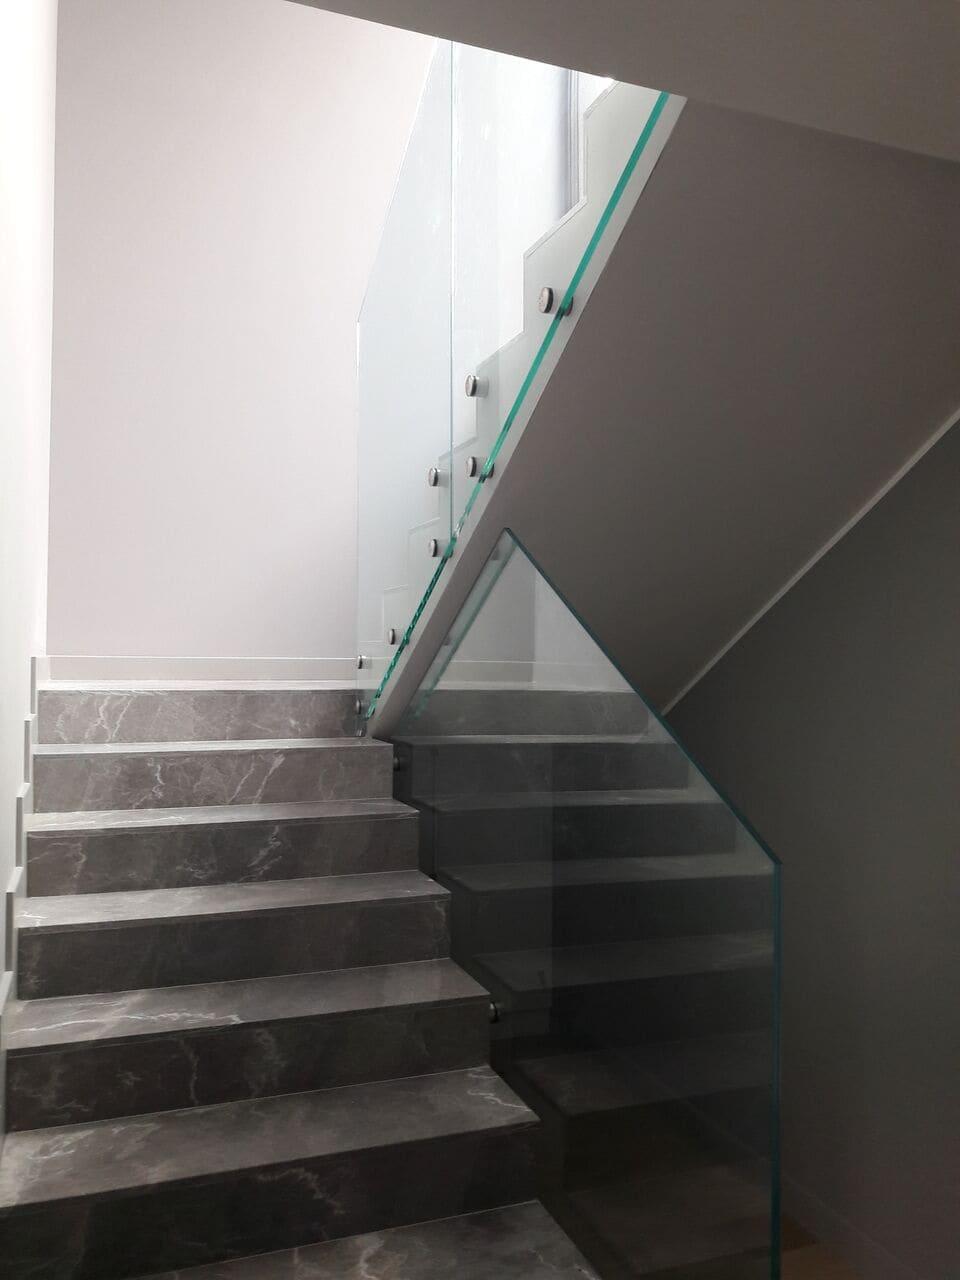 Balustrada przy marmurowych schodach